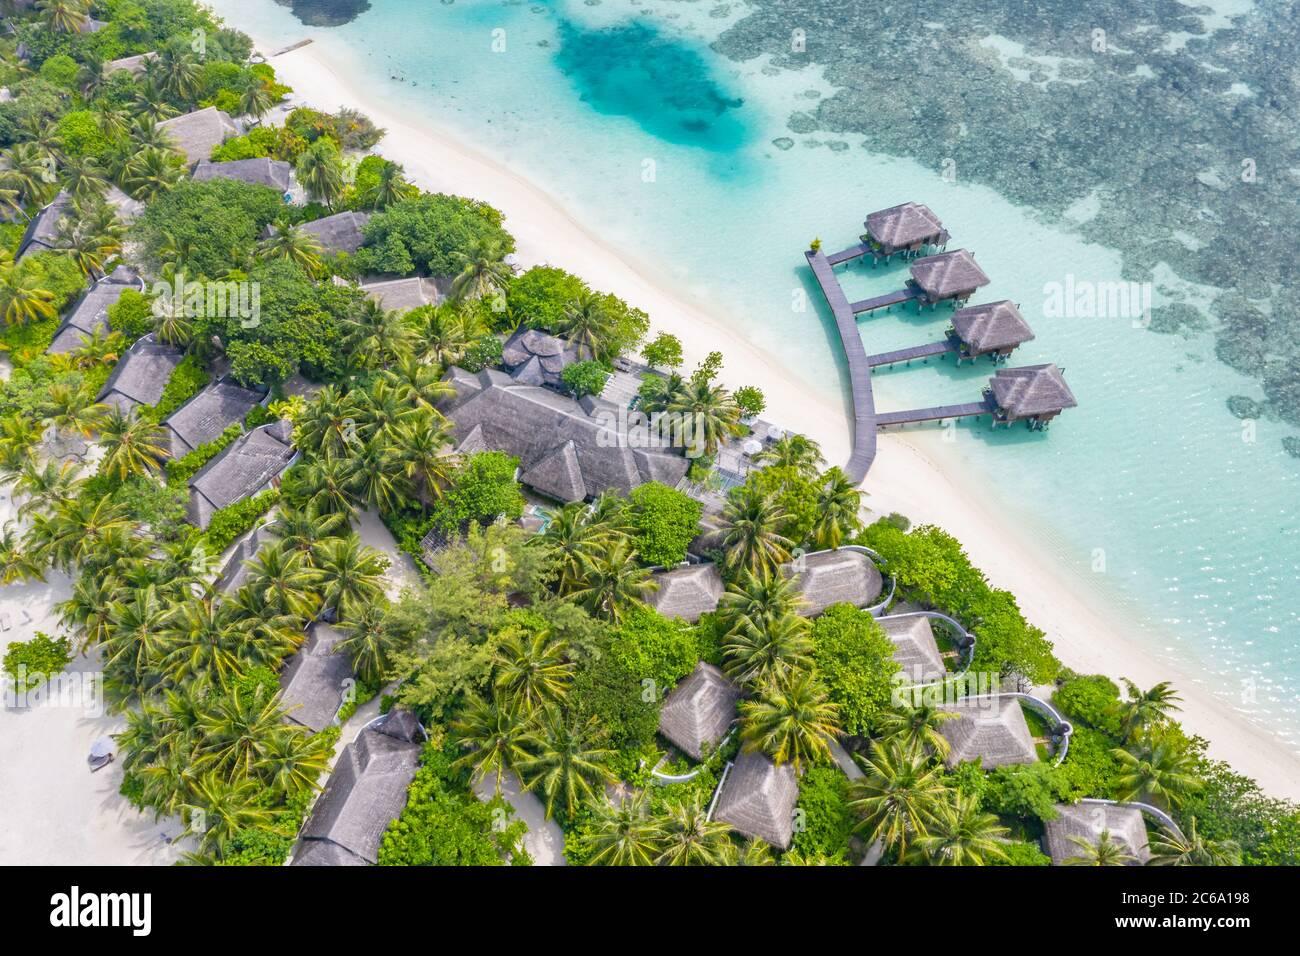 Perfekte Luftlandschaft, Luxus-tropisches Resort oder Hotel mit Wasser Villen und schöne Strandlandschaft. Atemberaubende Vogelperspektive auf den Malediven, Landschaft Stockfoto